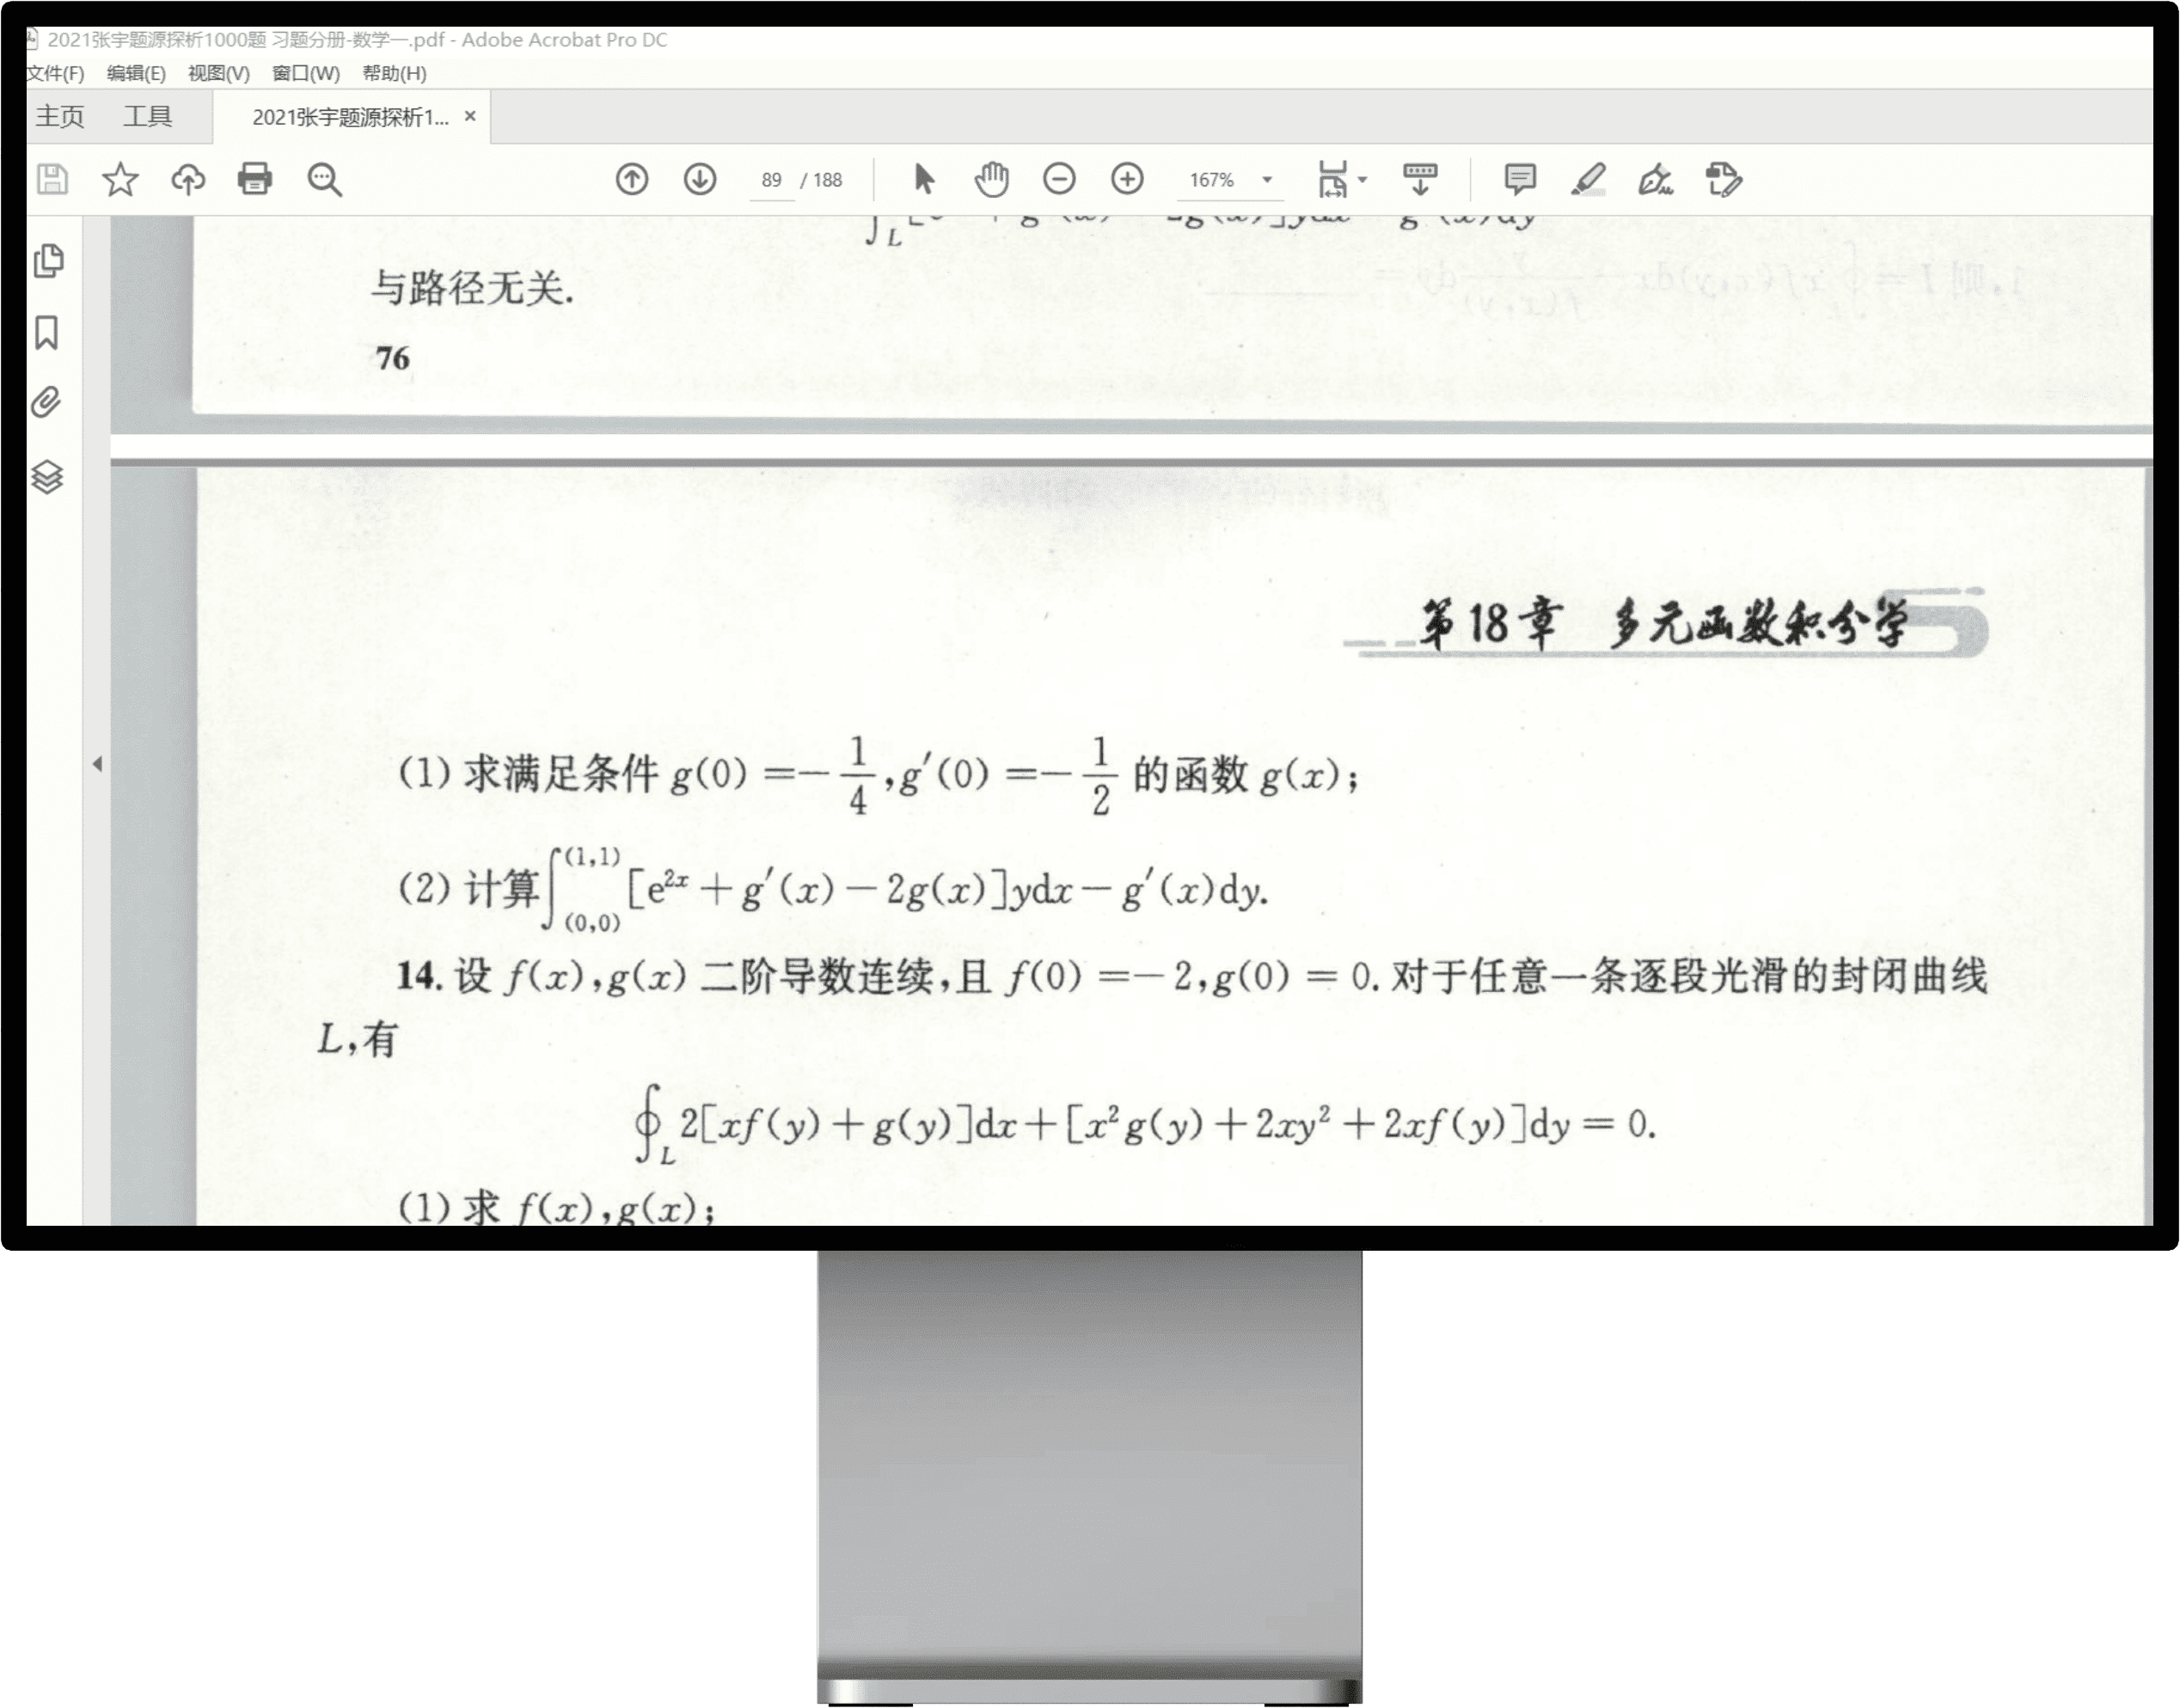 精品资源   2021考研数学各大机构精品课程吐血整理-管家小e